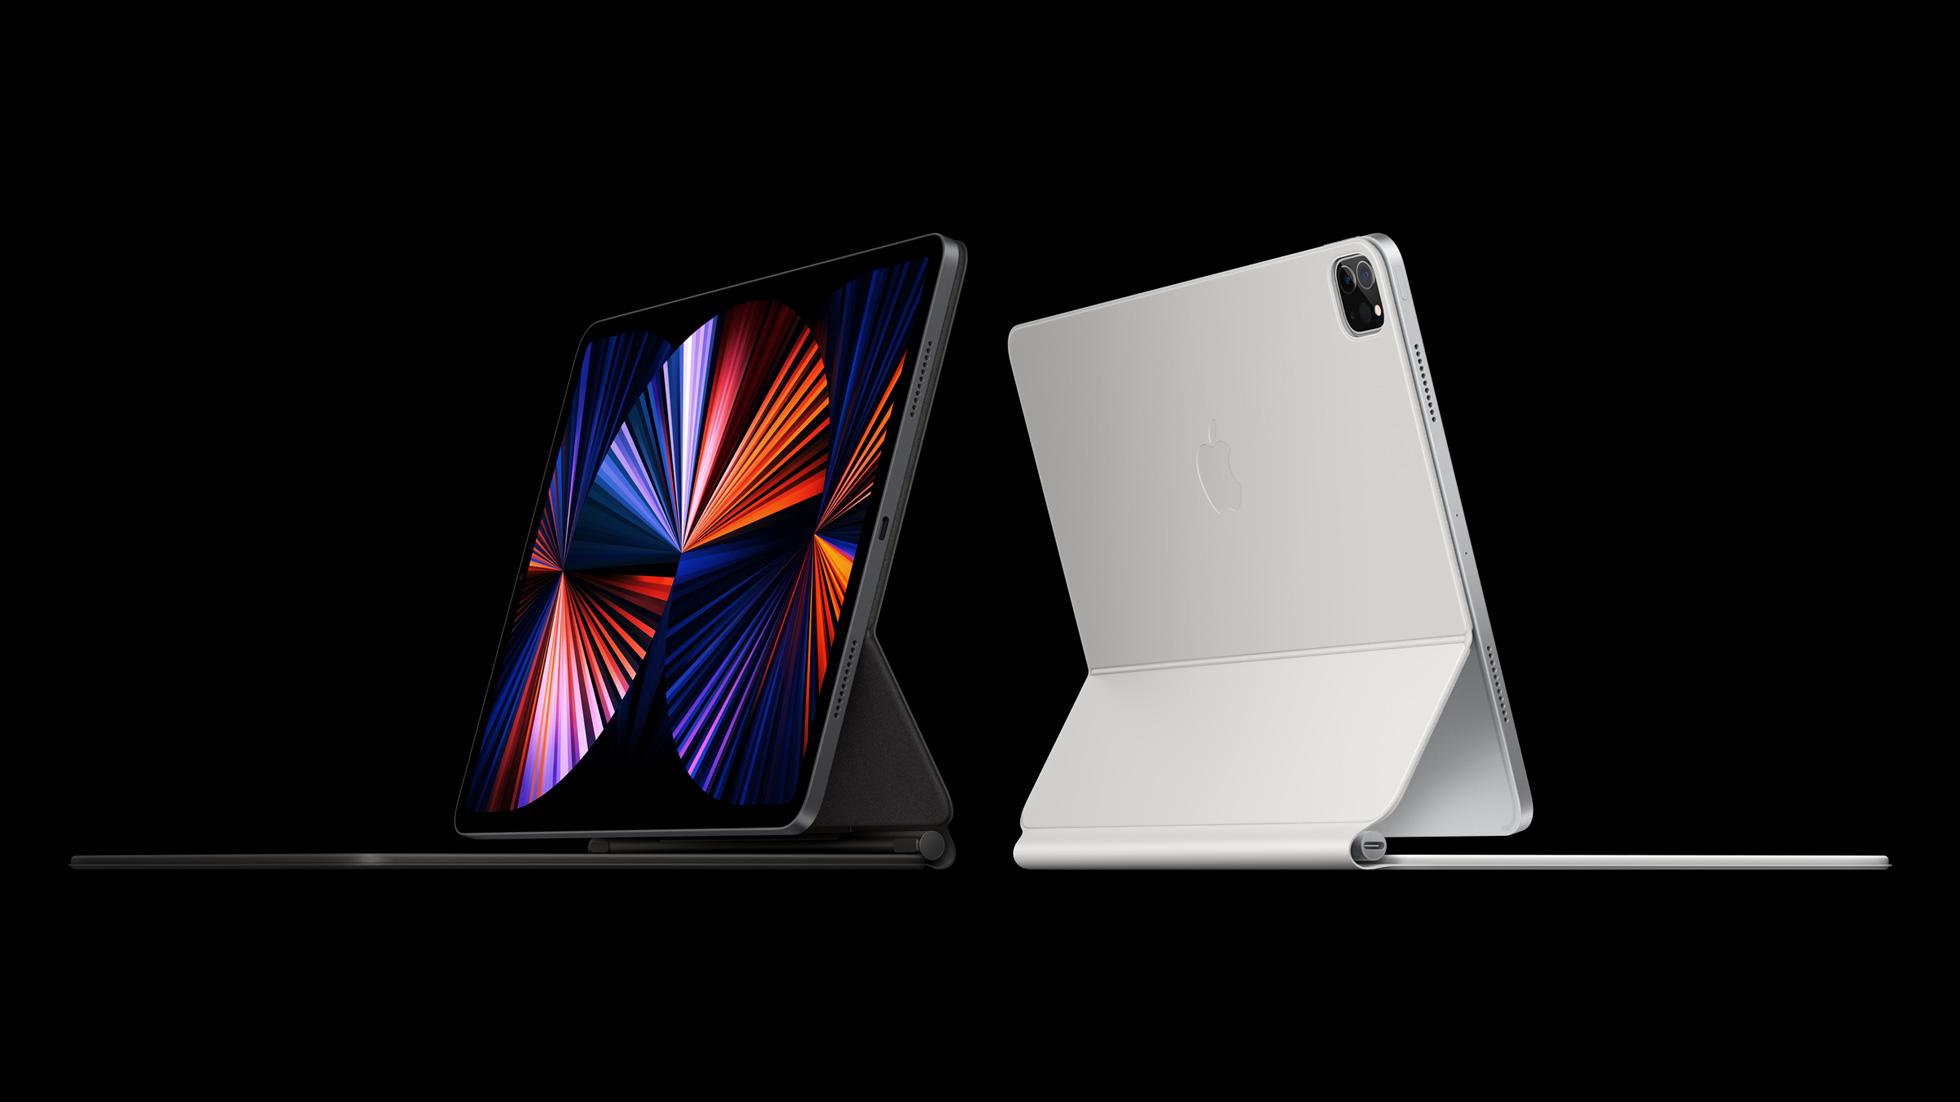 Nykyinen iPad Pro yhdessä Magic Keyboard -näppäimistökuoren kanssa.